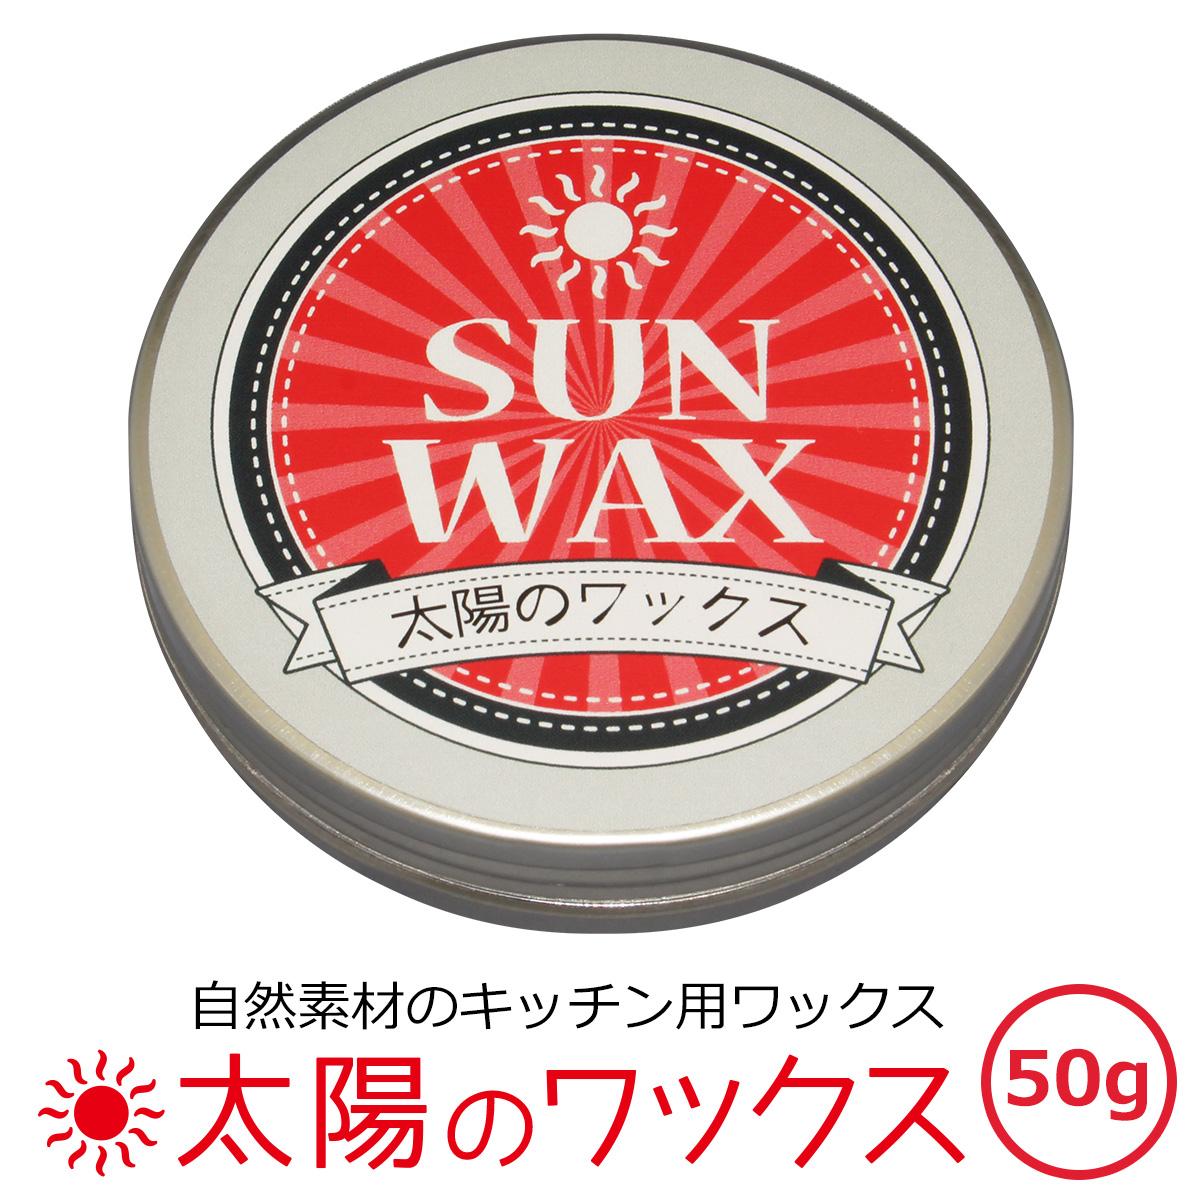 太陽のワックス50g